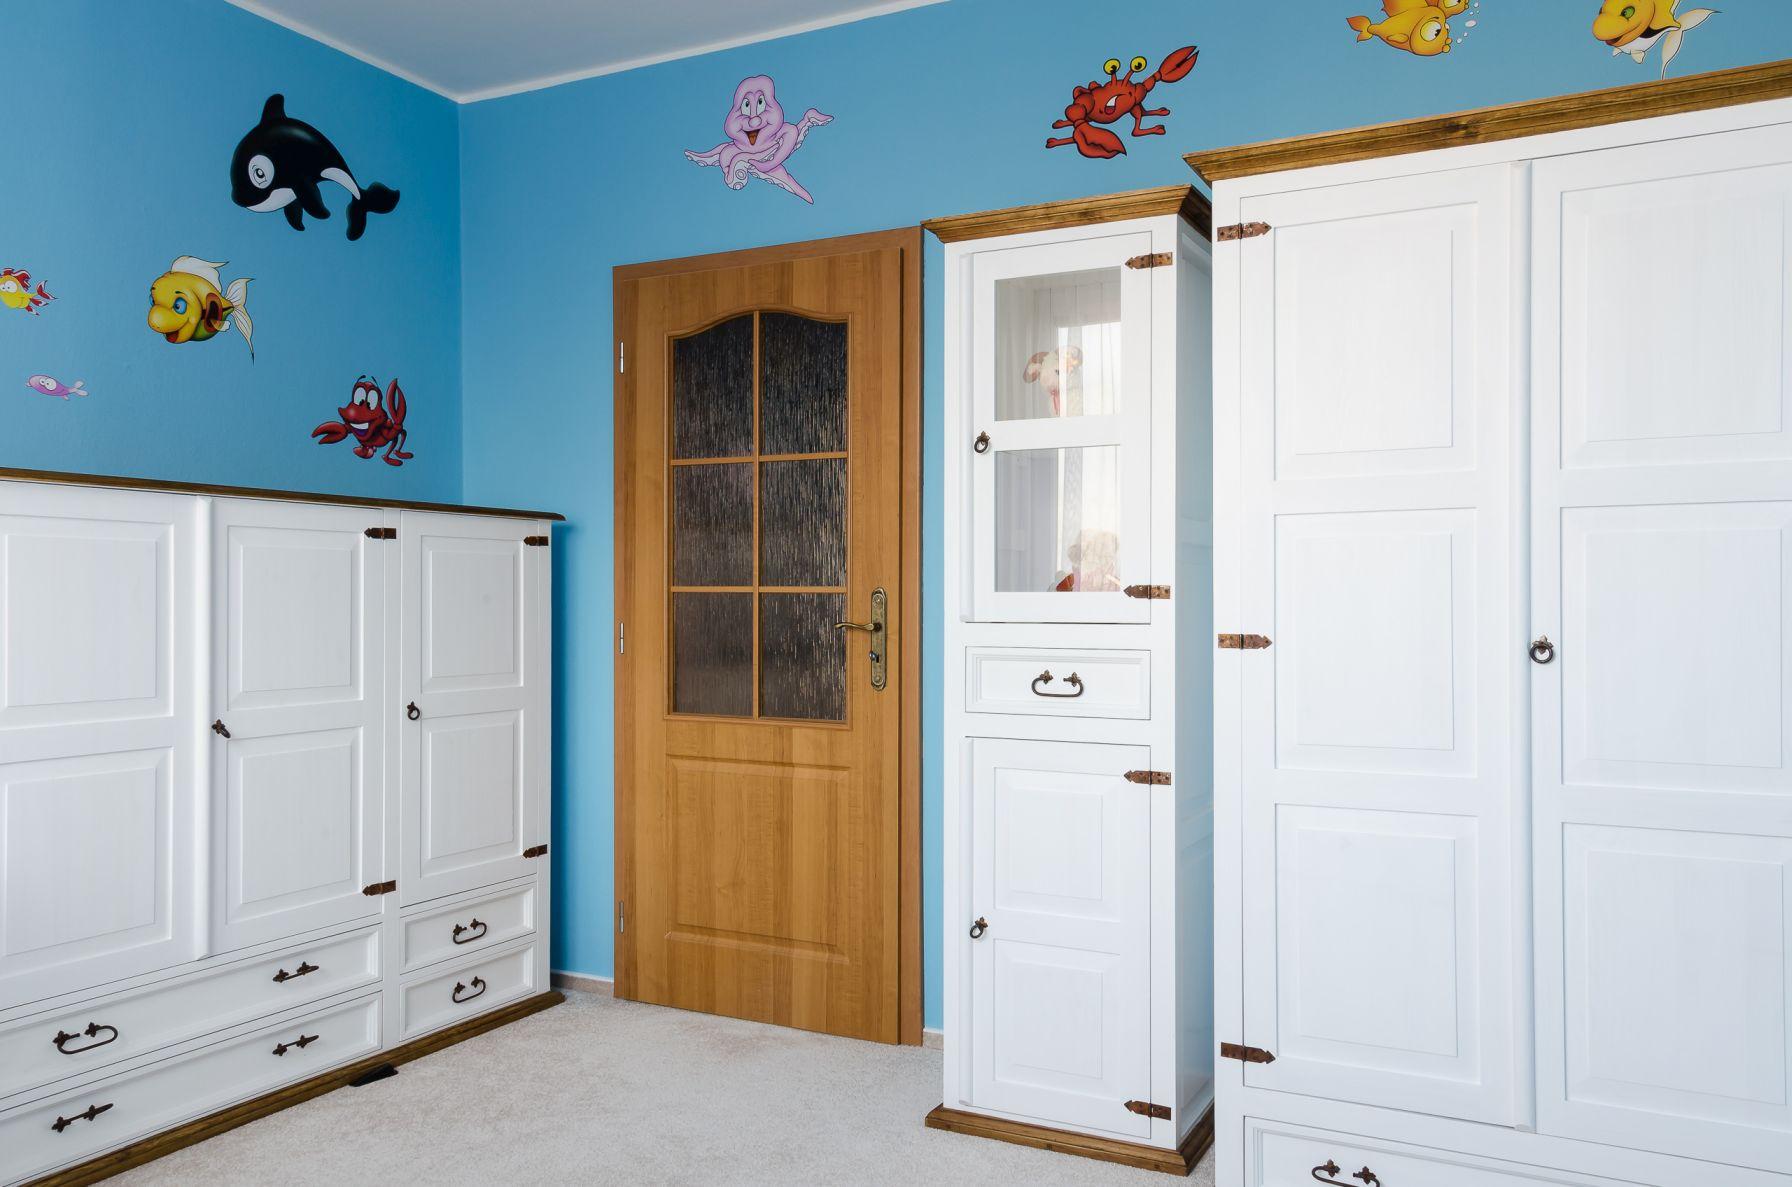 Bílomodrý dětský pokoj